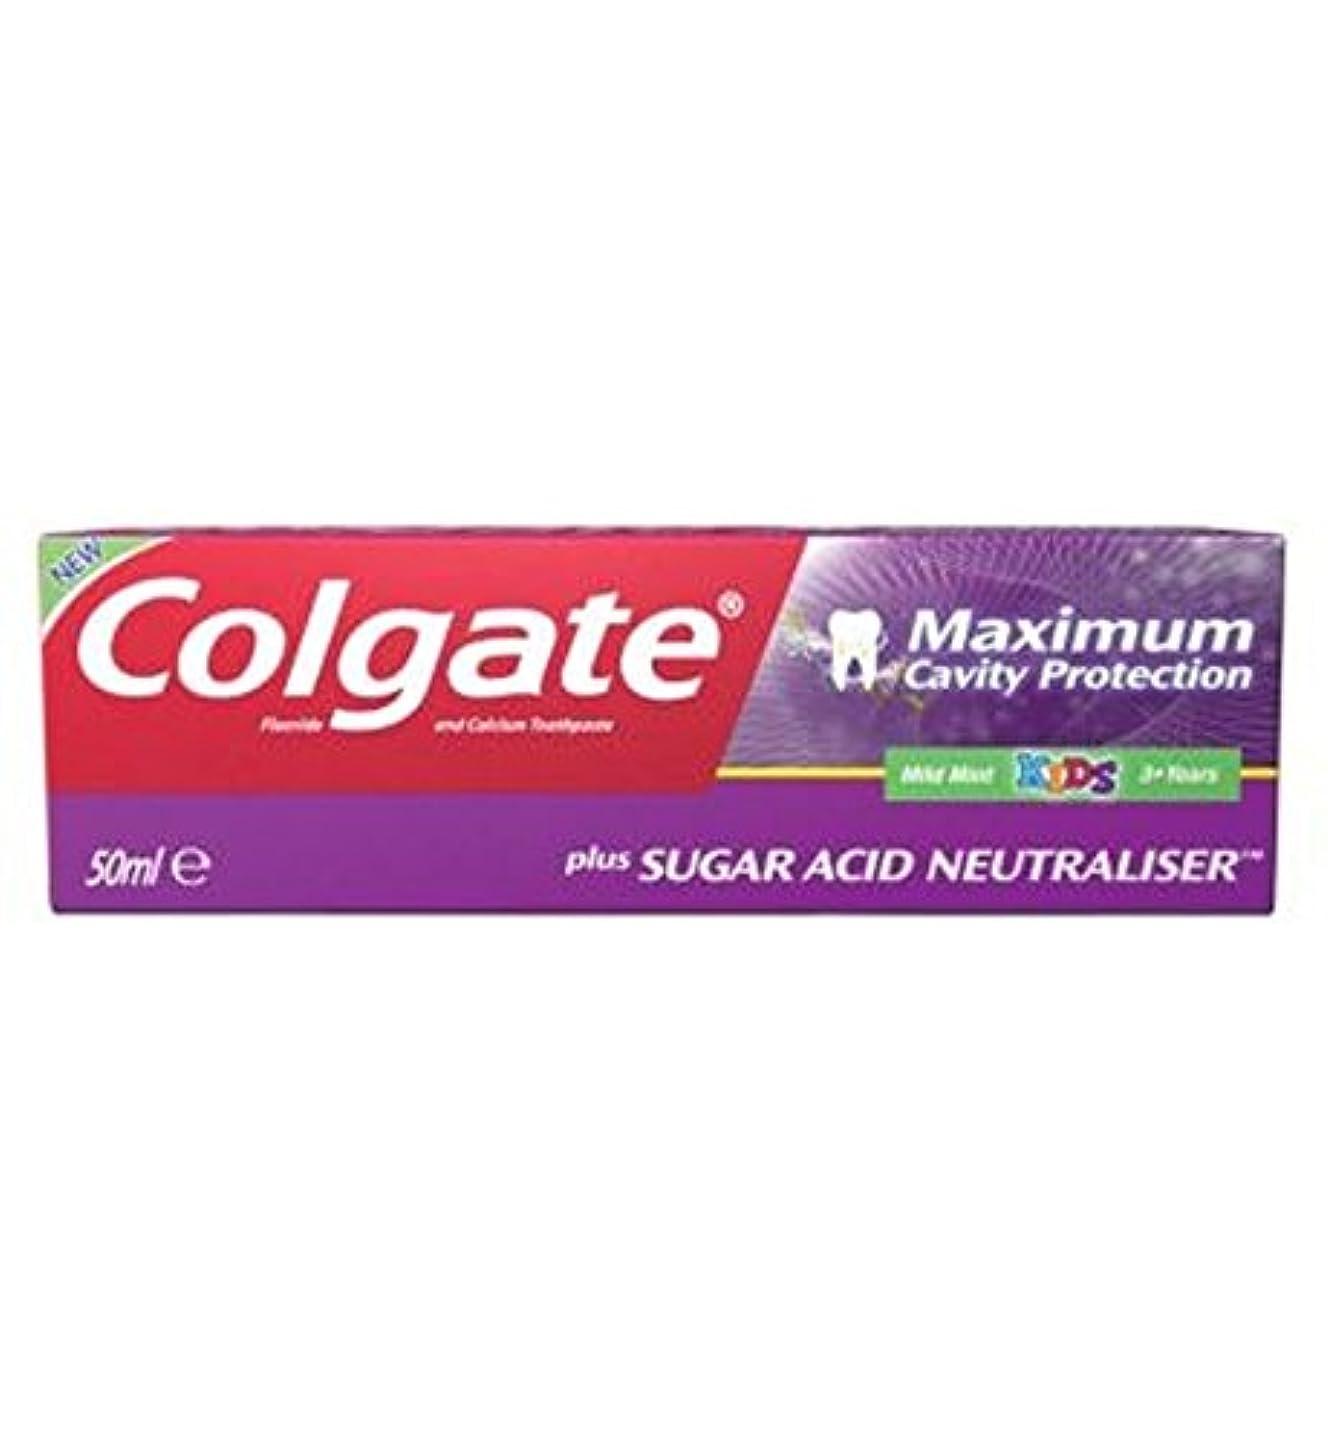 対称根絶する無法者コルゲート最大空洞の保護に加えて、糖酸中和剤の子供の歯磨き粉50ミリリットル (Colgate) (x2) - Colgate Maximum Cavity Protection plus Sugar Acid Neutraliser...